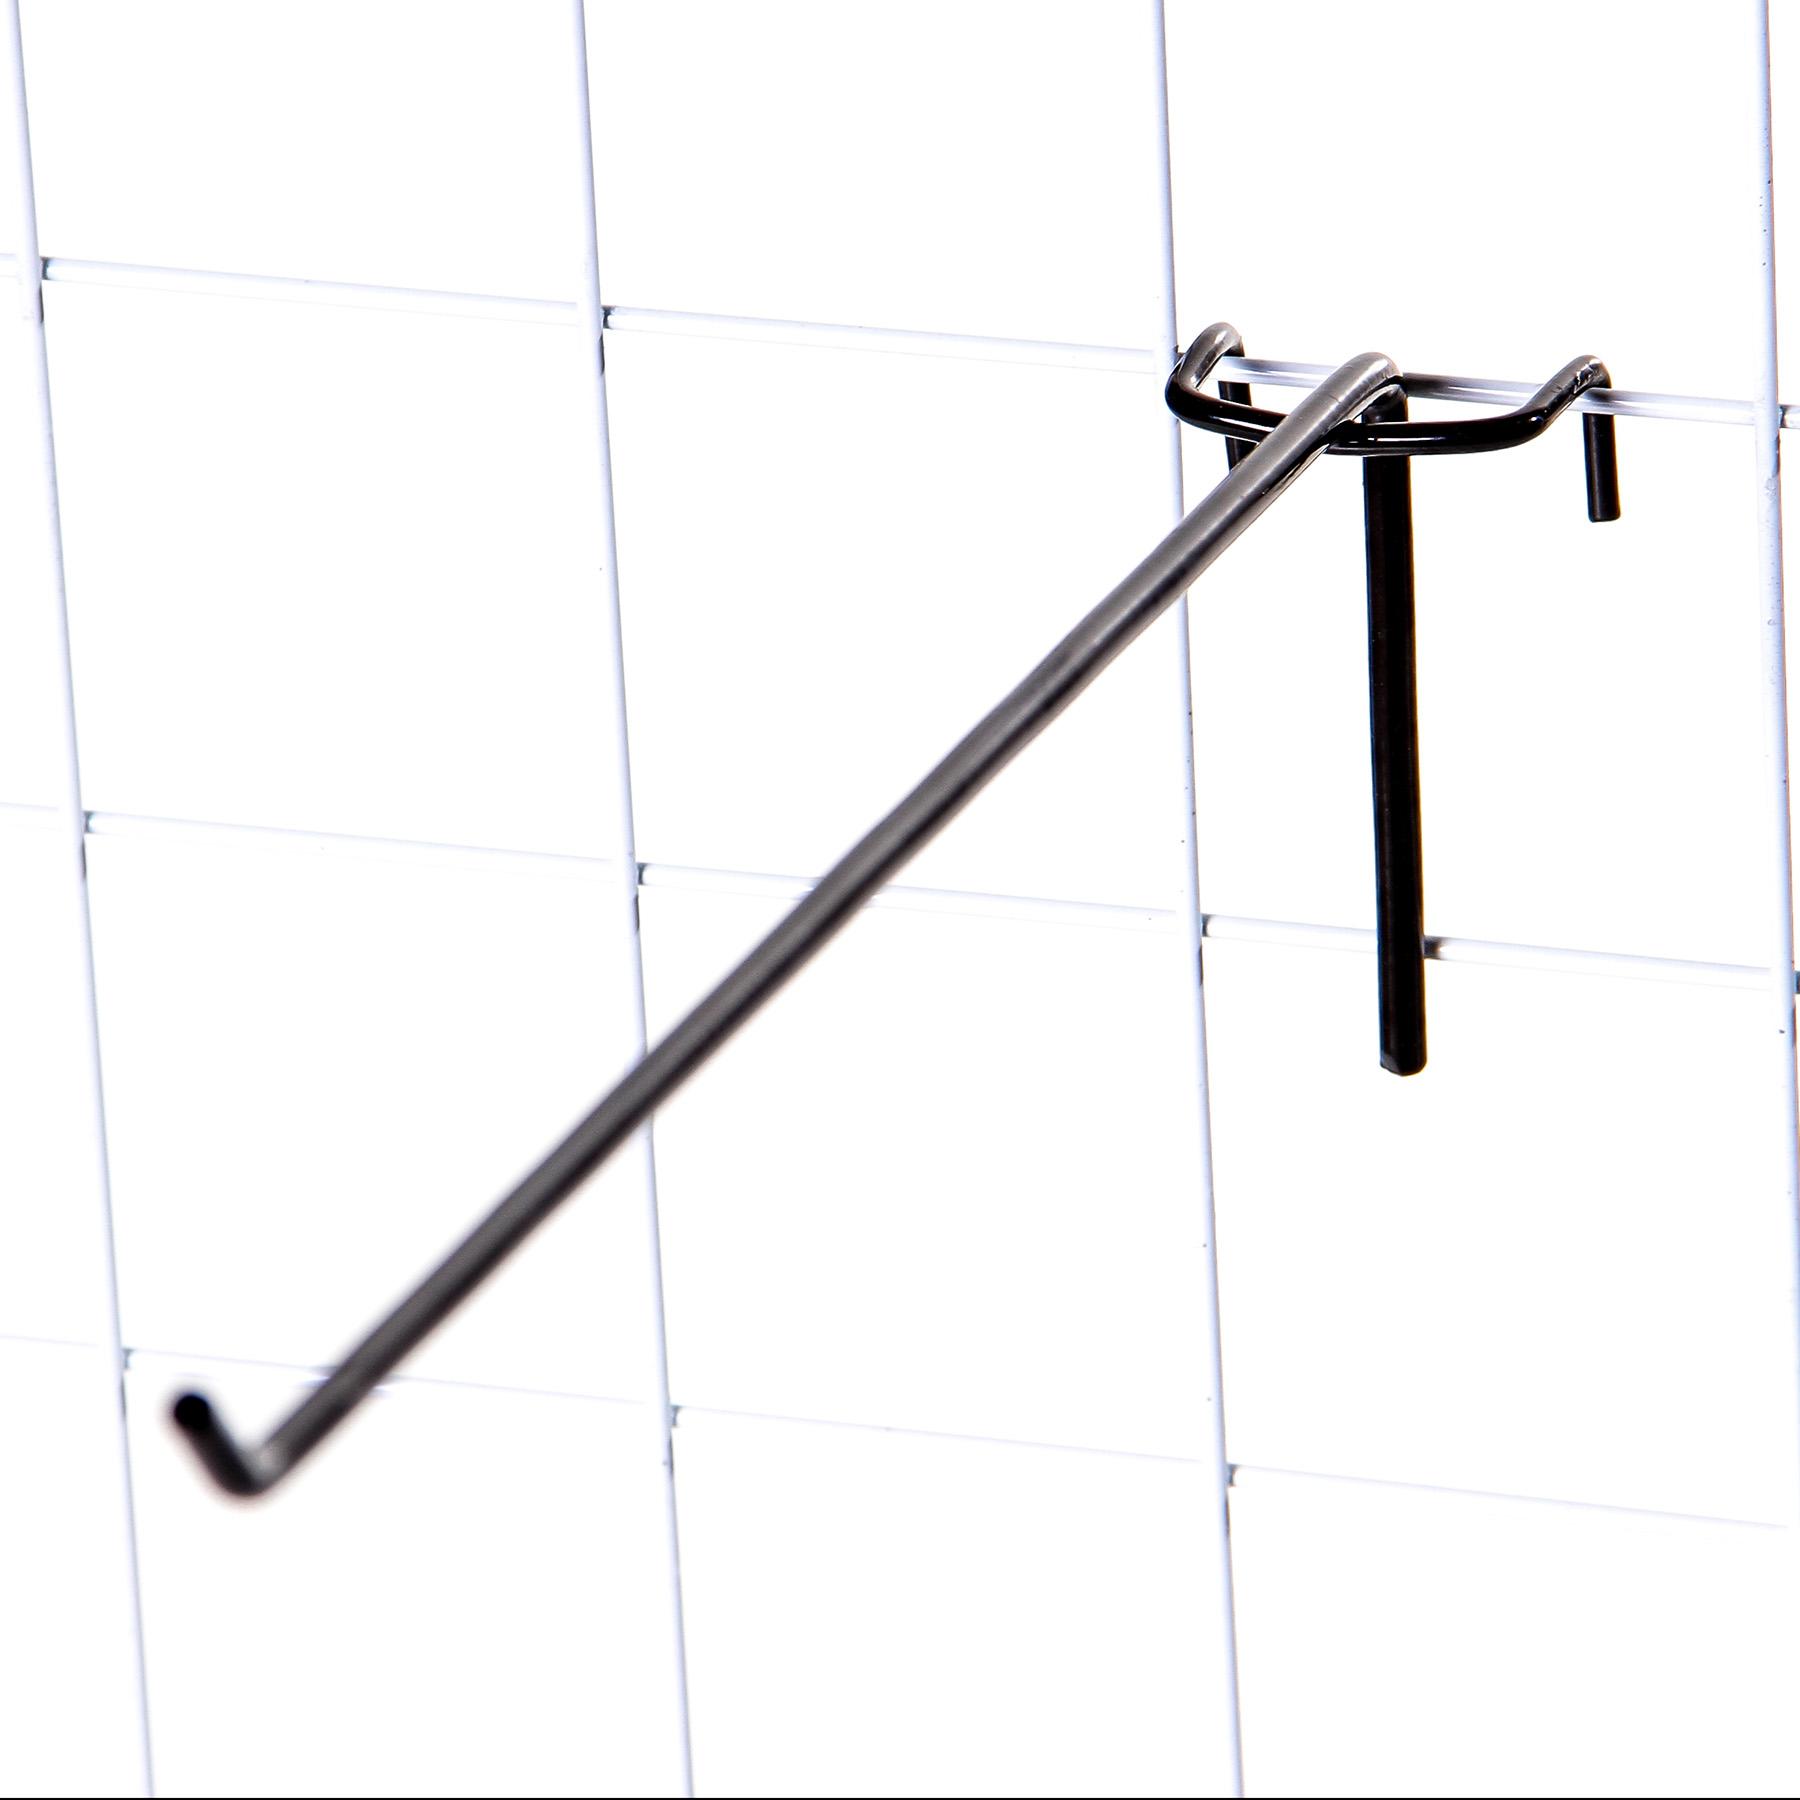 Kit Gancho Tela 15cm - 10 Unidades